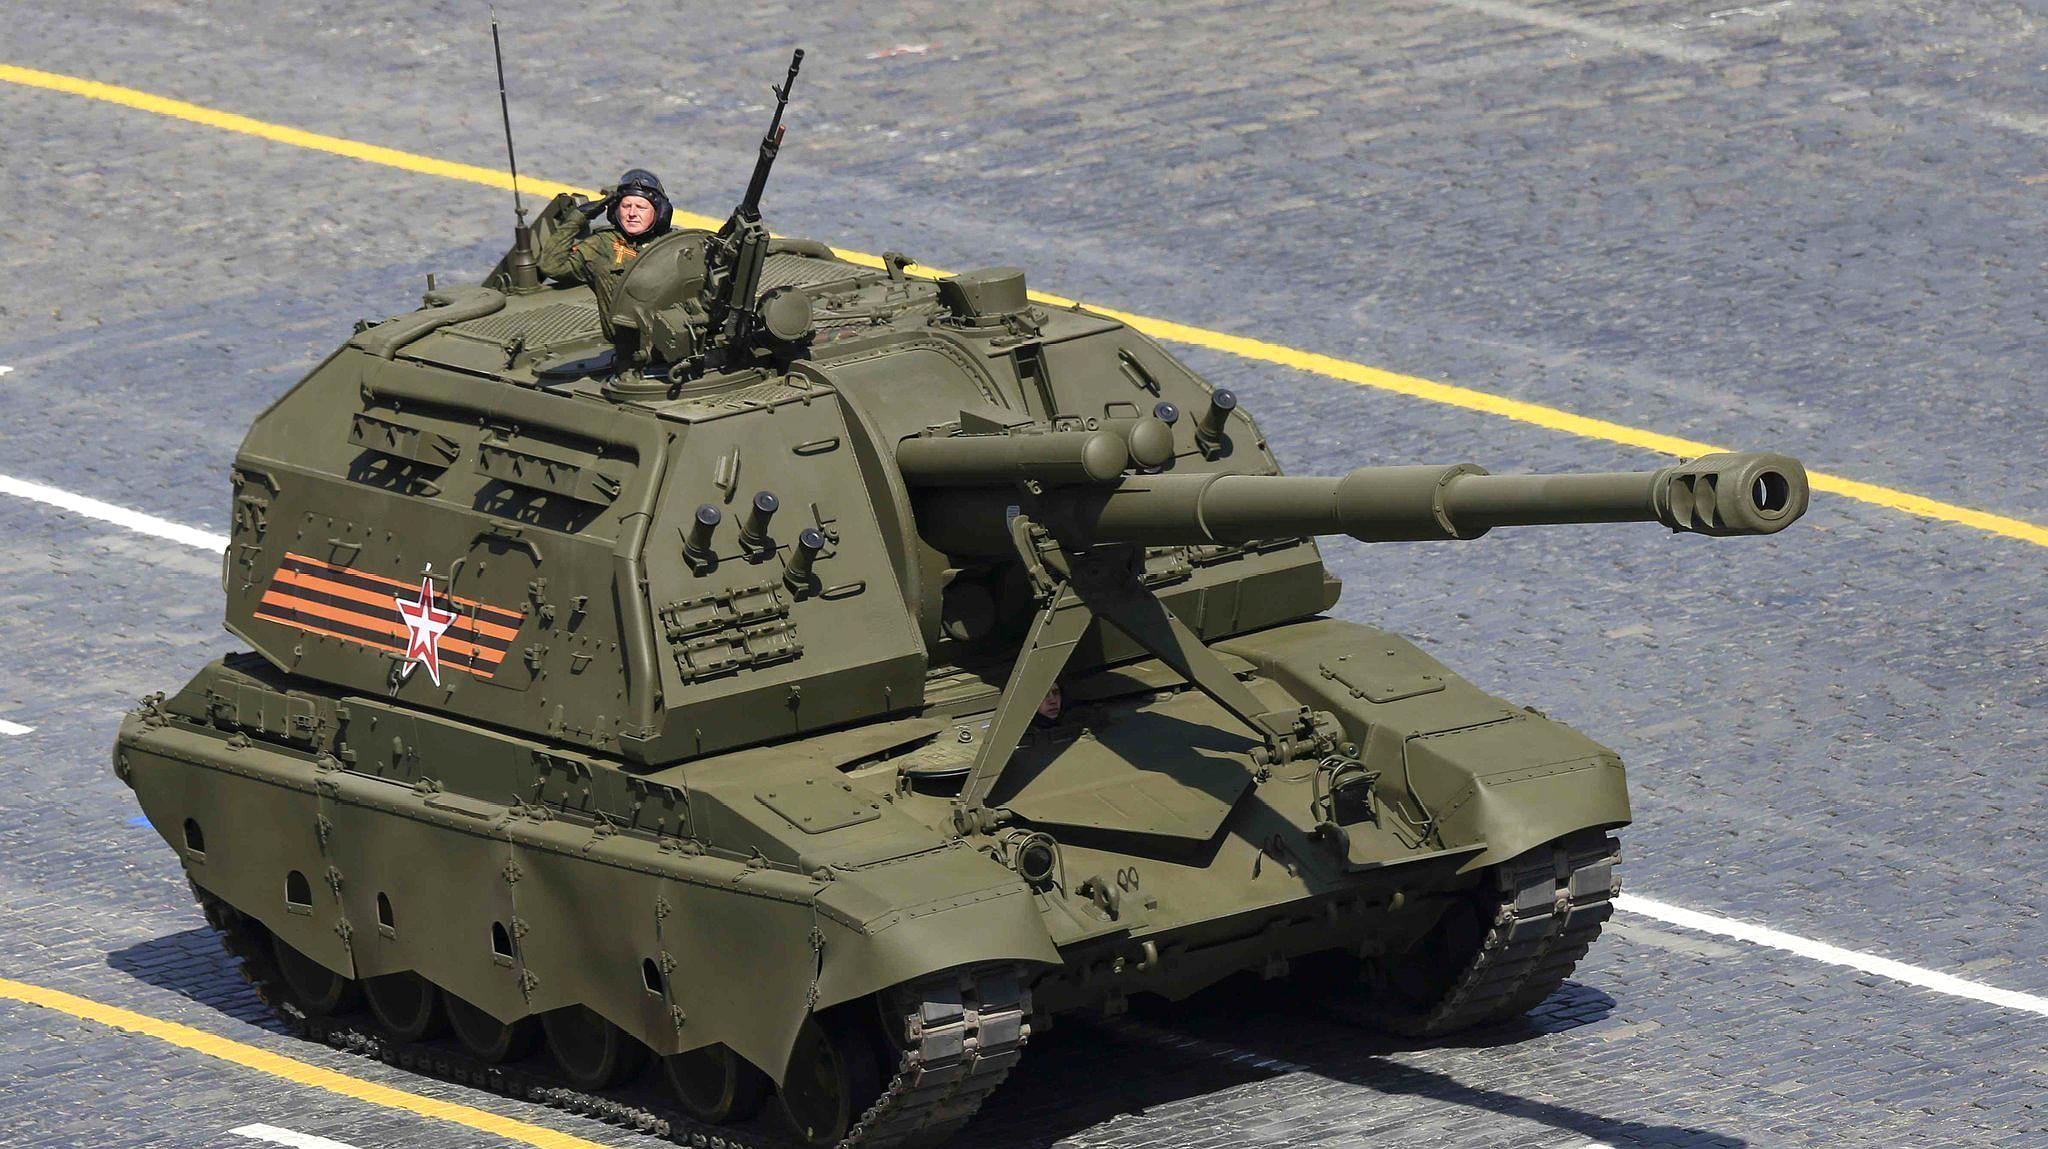 坦克能打直升机?俄高官透露正在研制新型坦克炮射导弹